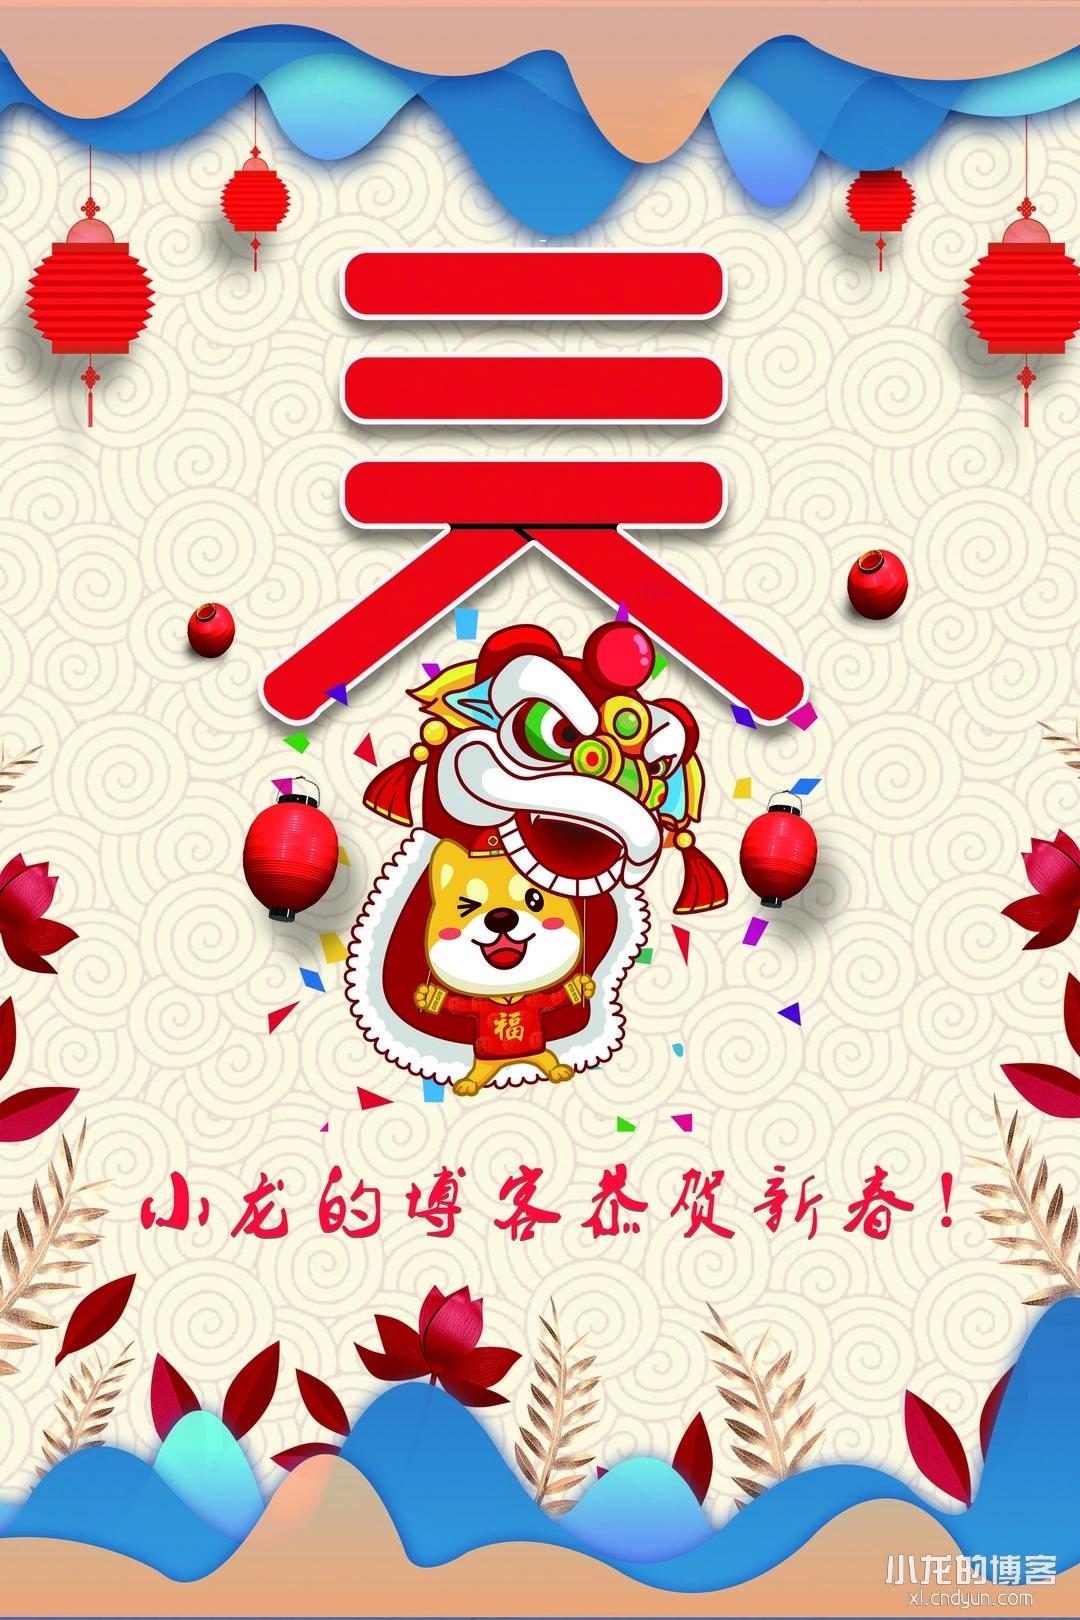 小龙的博客祝您新春快乐!